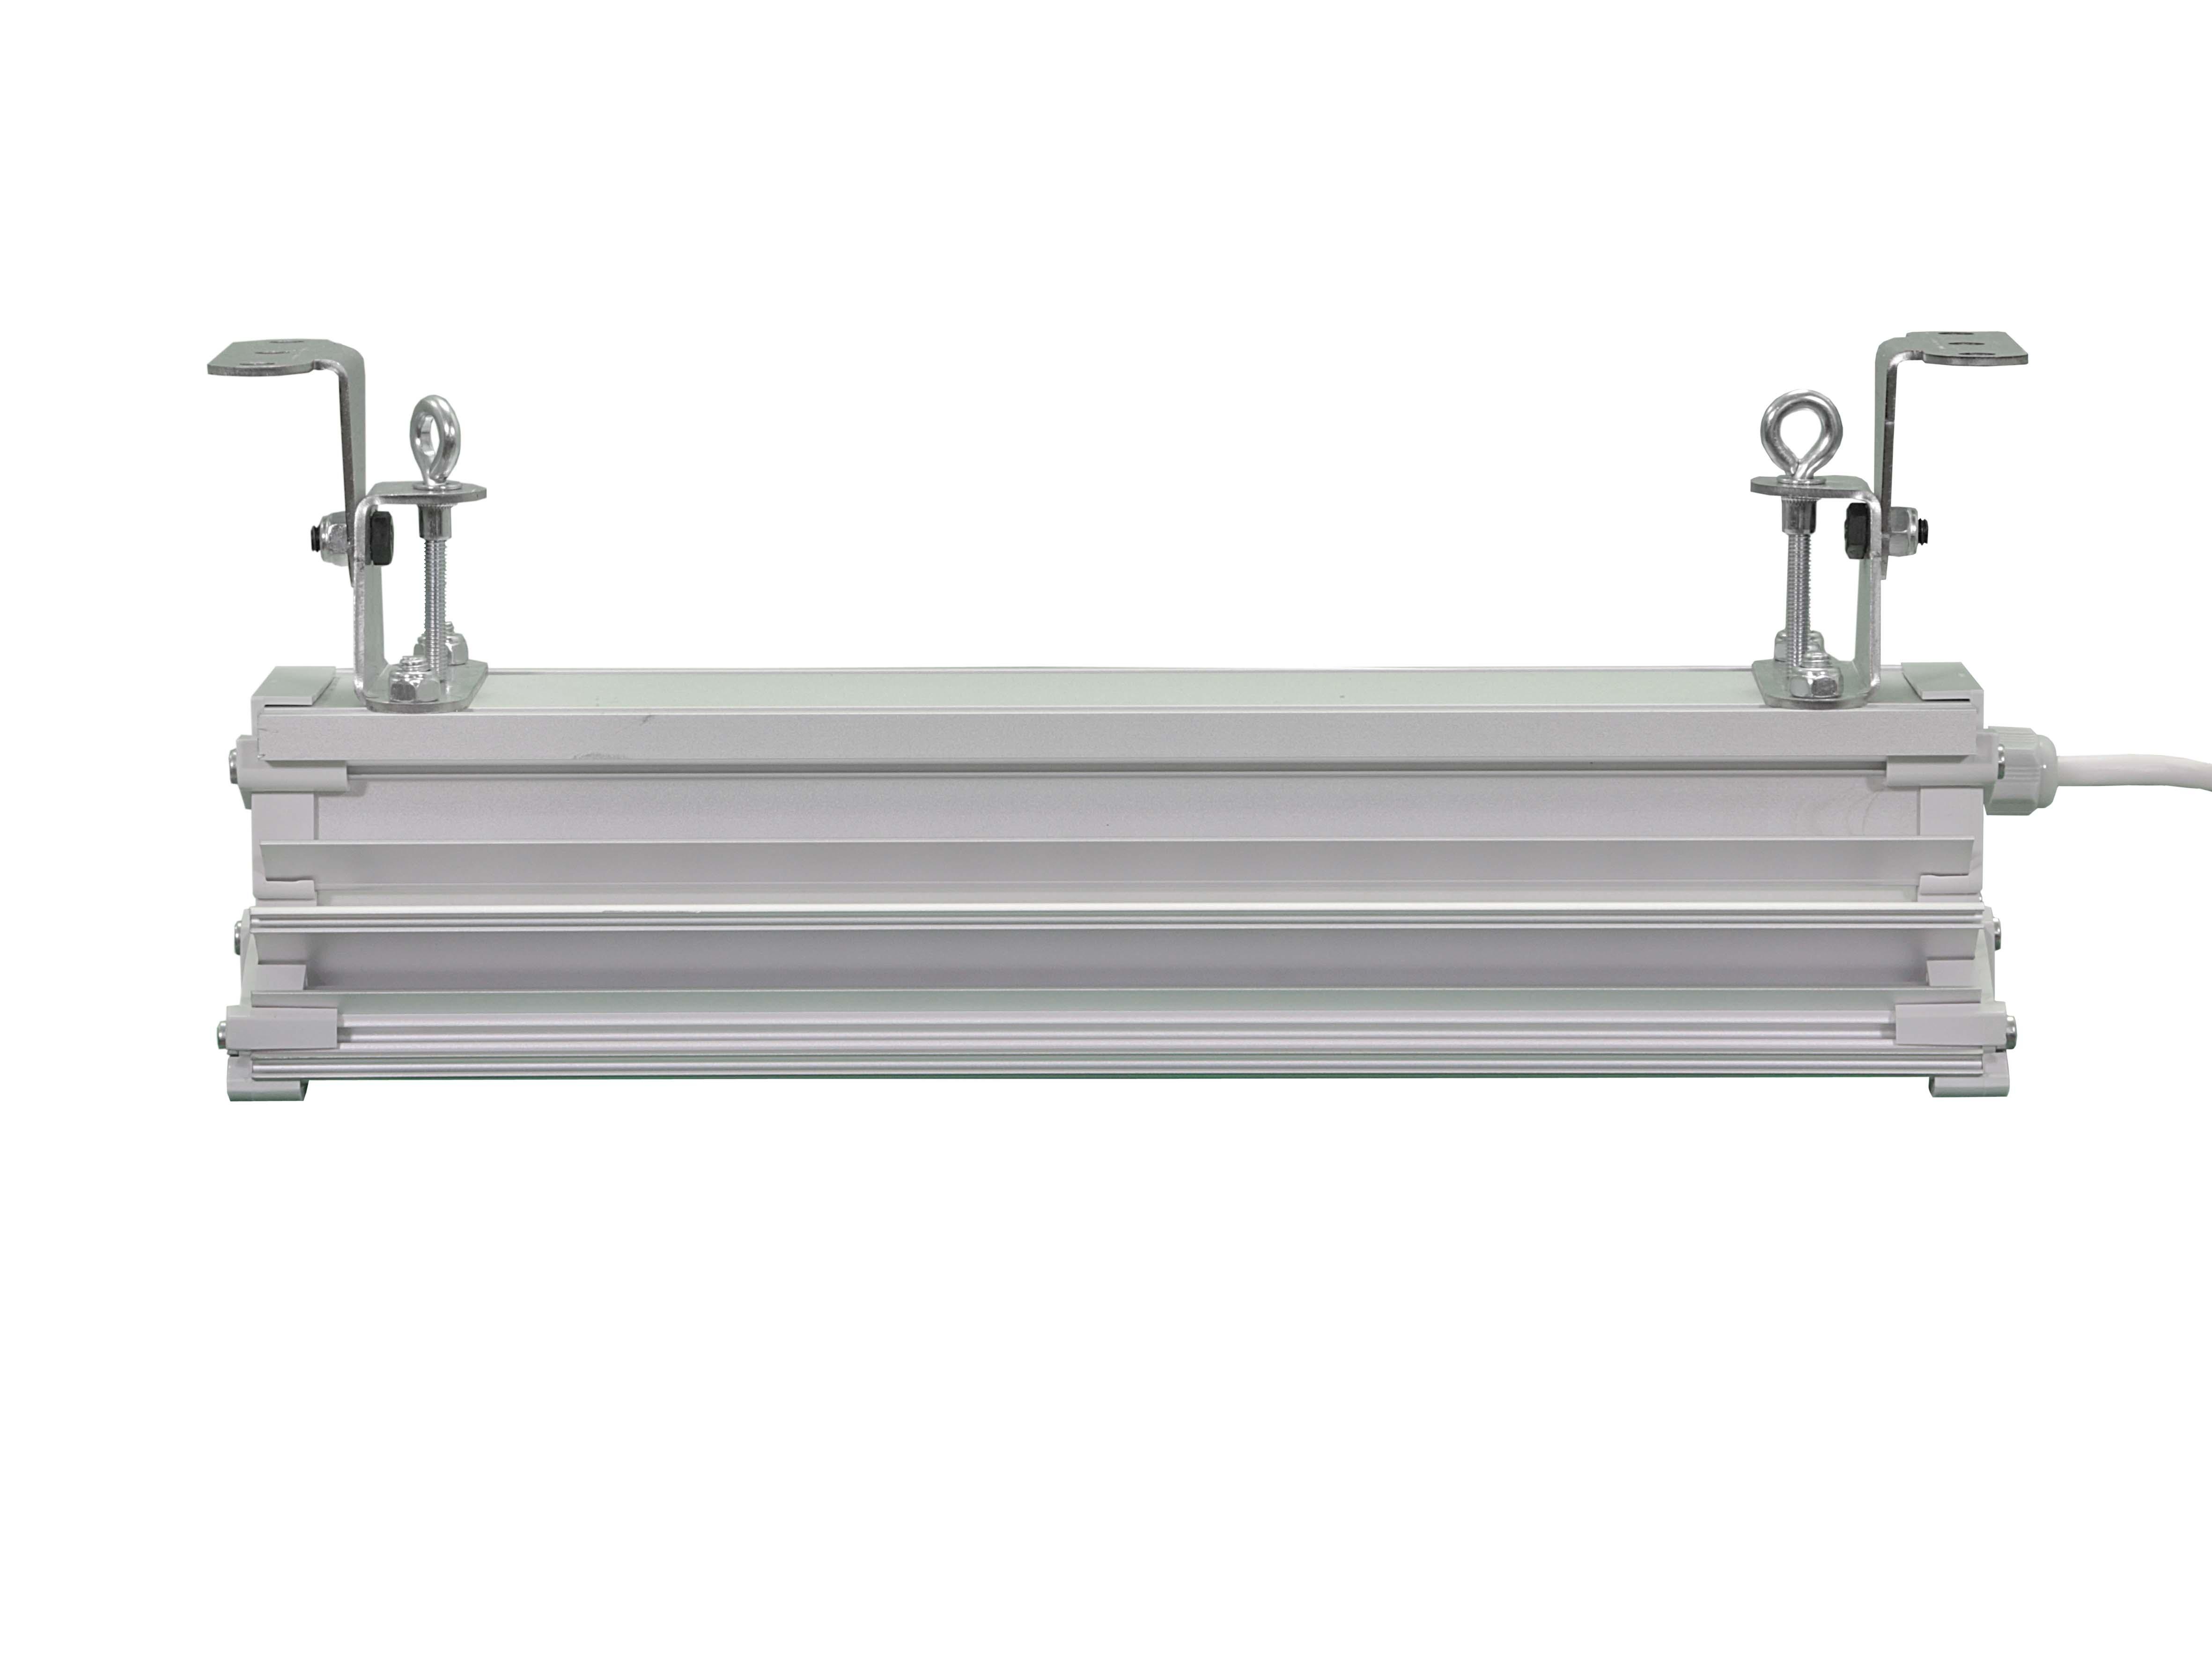 Уличный светодиодный светильник Сириус-110 110Вт 17864Лм